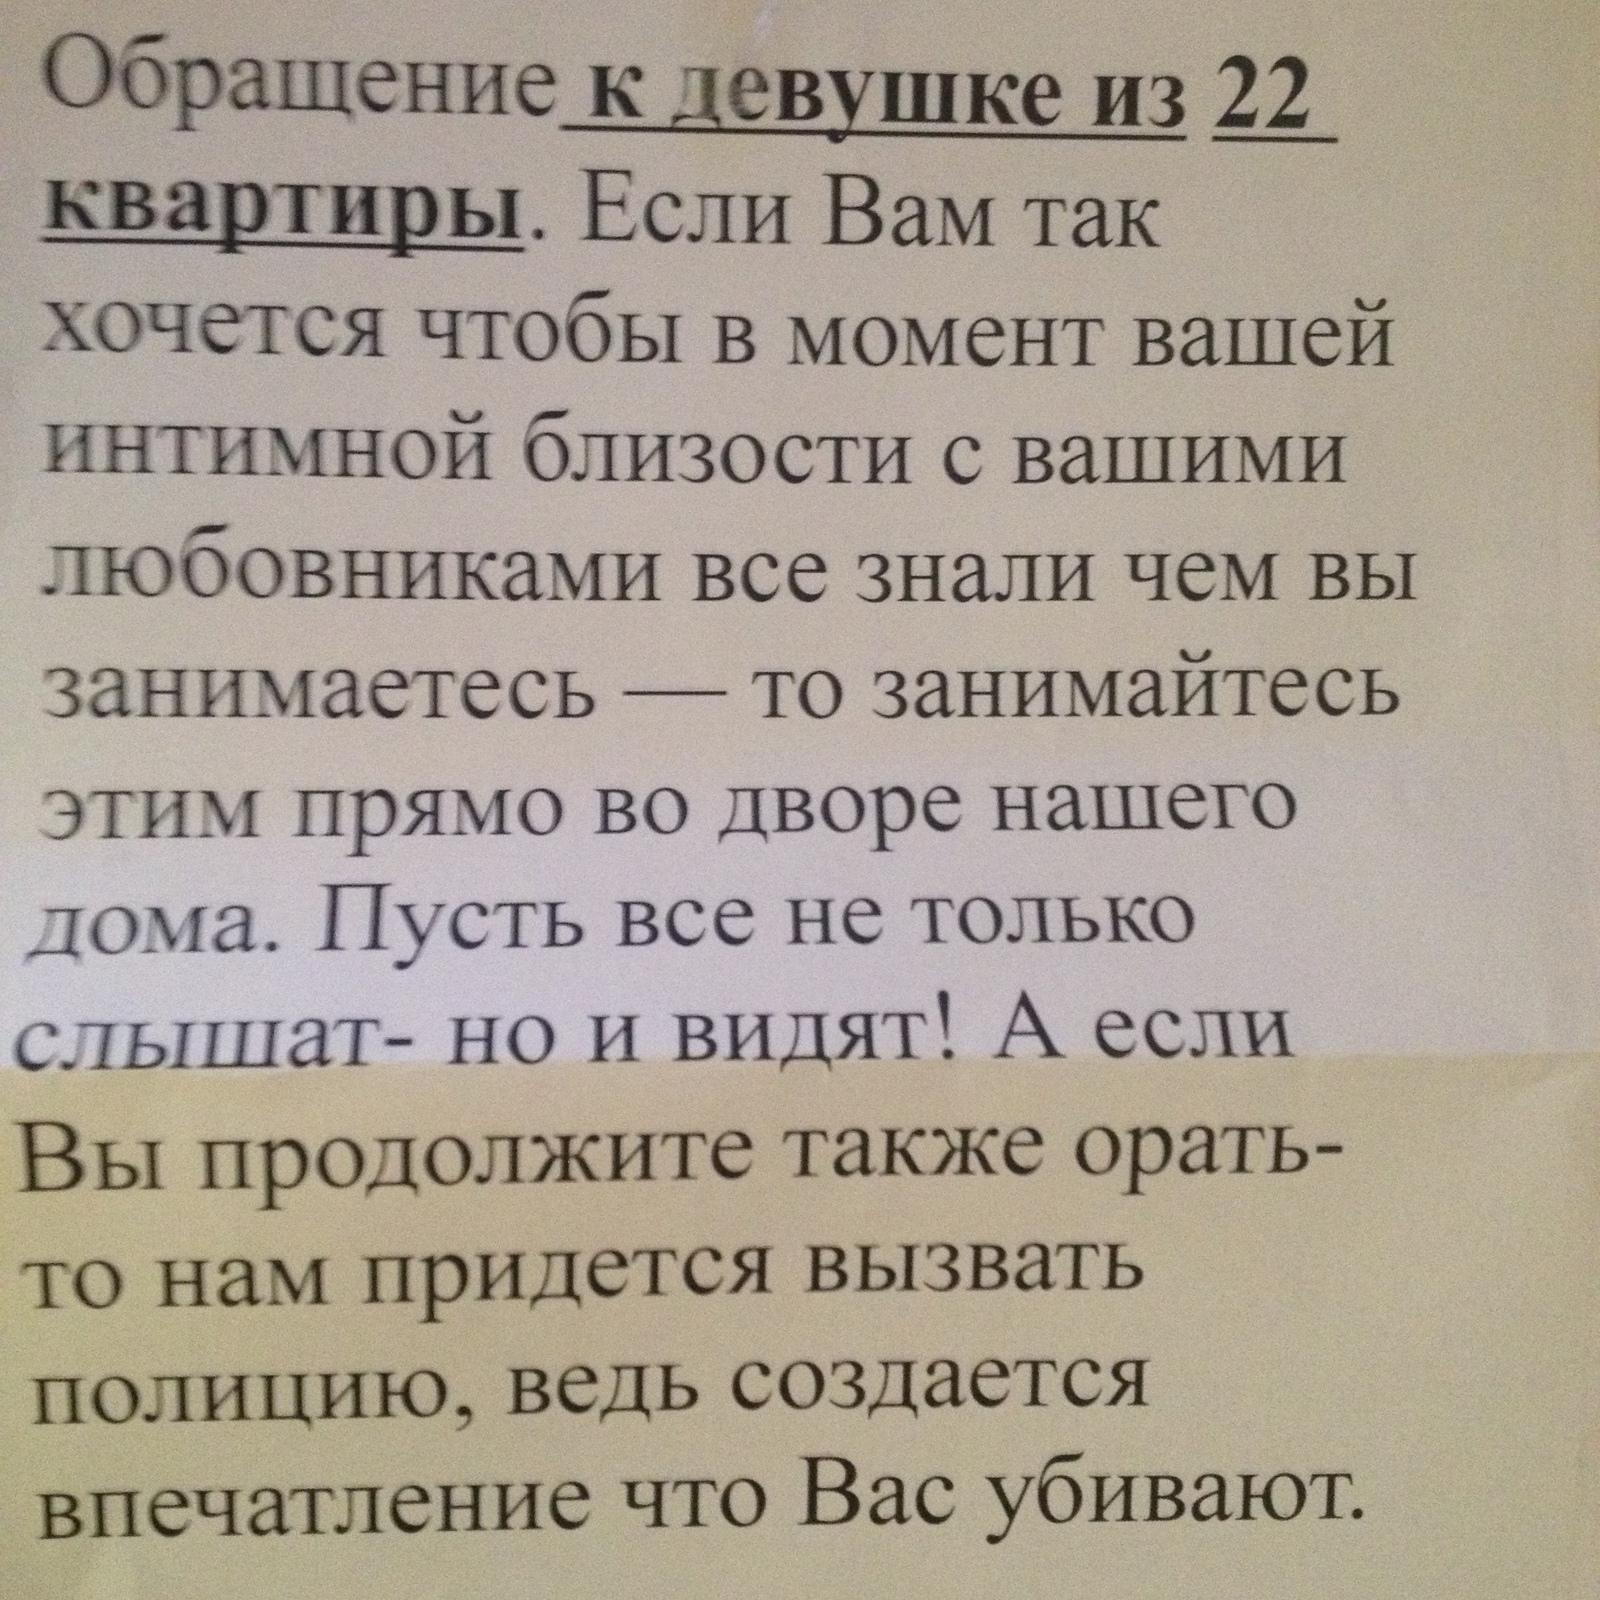 дело ночи. алеся ромей порно актриса украина можно мусолить одну